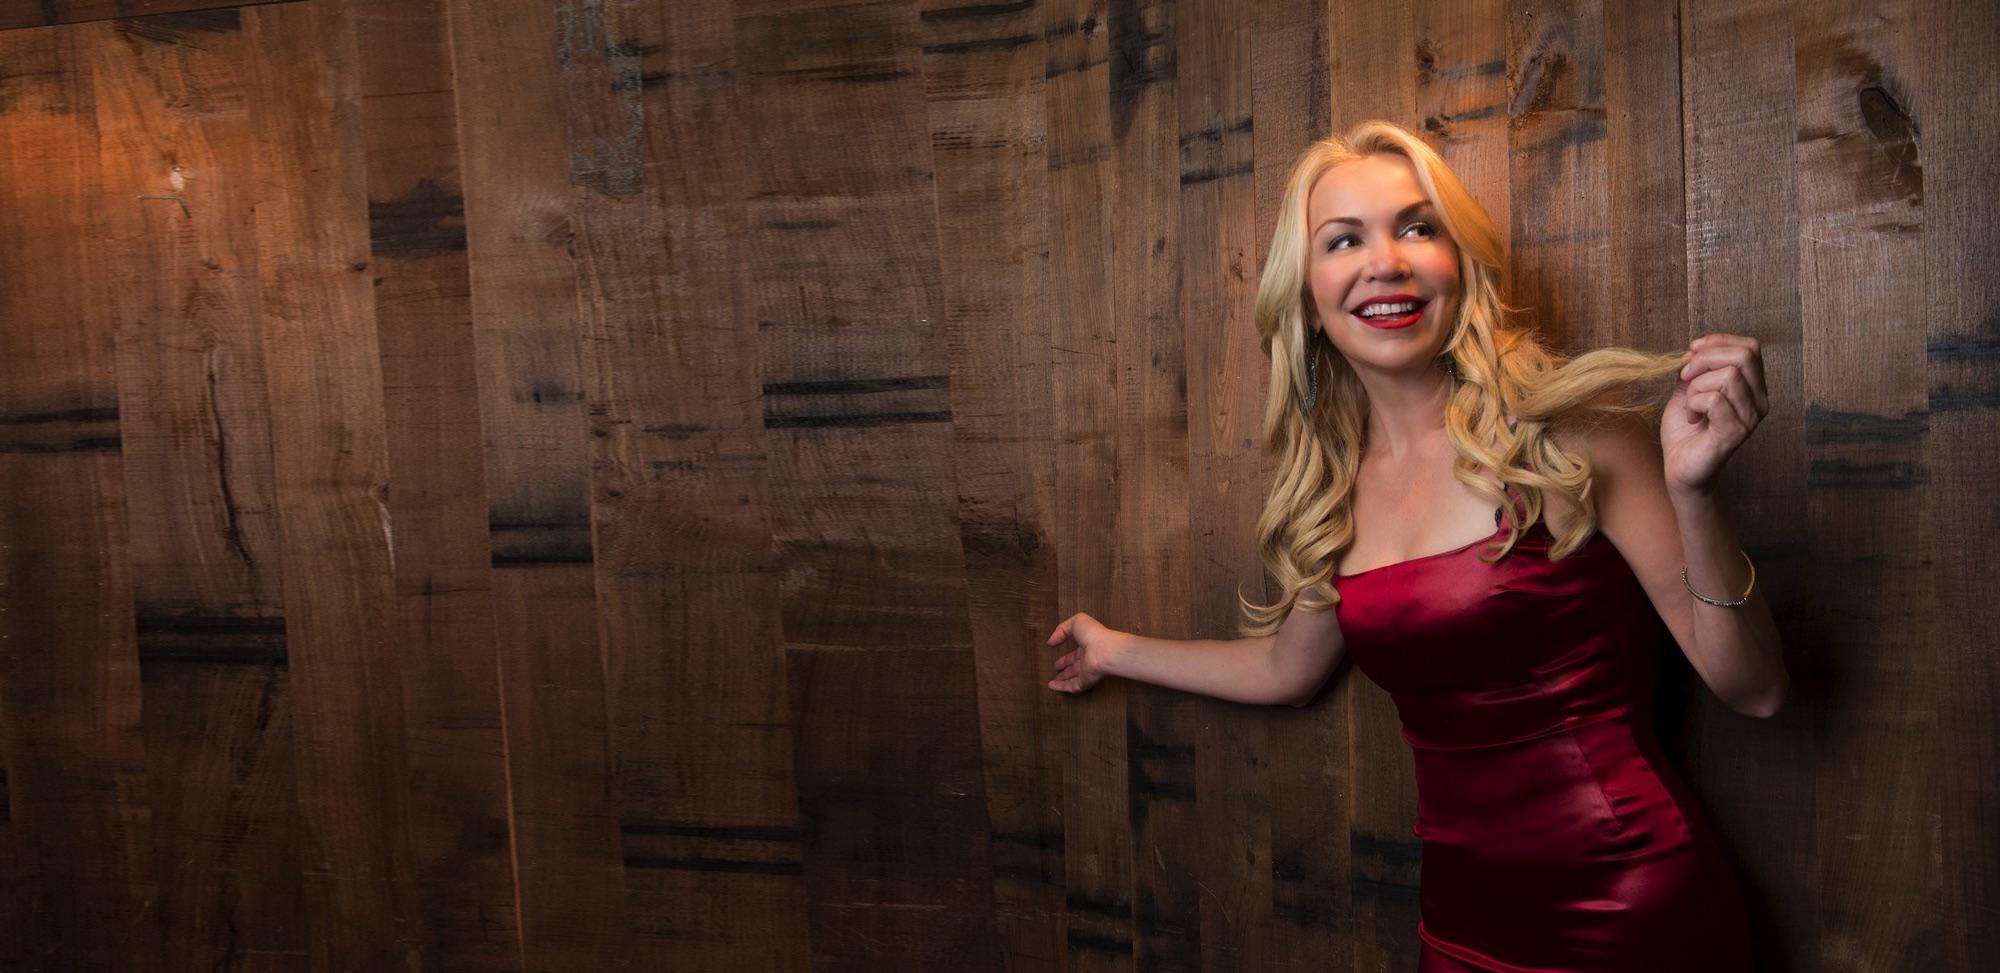 Anna-Danes-Wood-Wall-Marilyn-Room-Stretch2